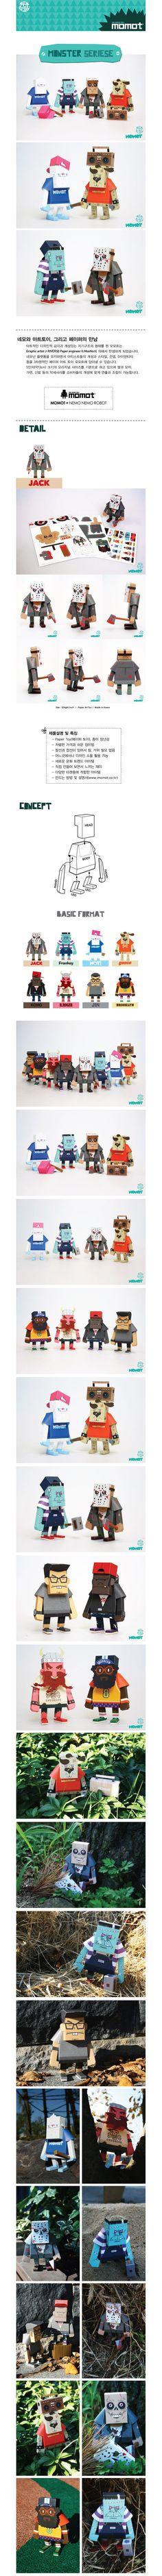 momot monster seriese